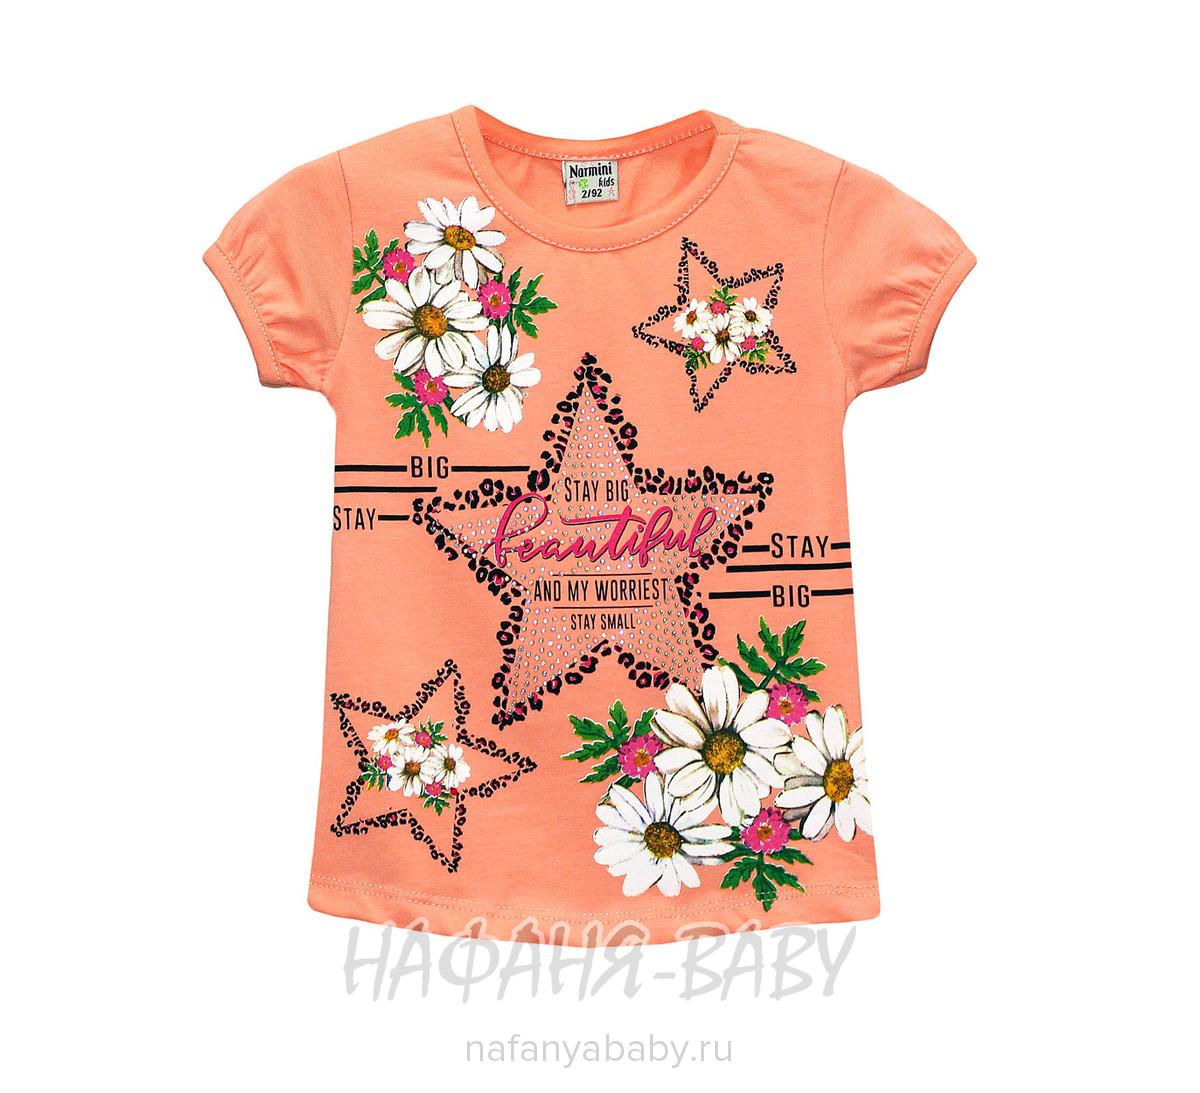 Детская футболка NARMINI арт: 5506, 1-4 года, 5-9 лет, цвет персиковый, оптом Турция